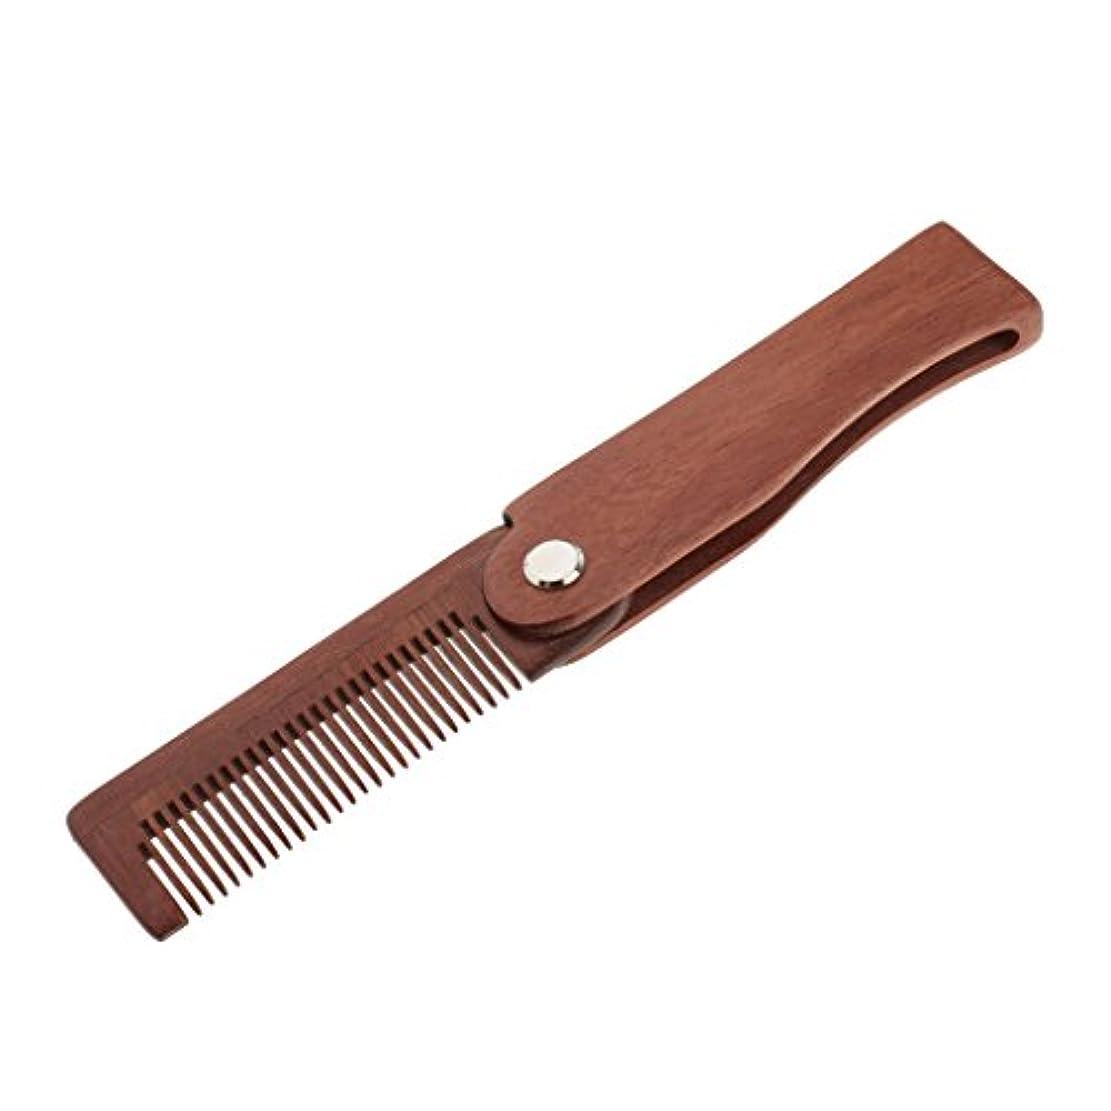 防止葉取り替える木の折り畳み 男性 クリップ 毛ひげの櫛口ひげ スタイリングシェイプ ポケット旅行